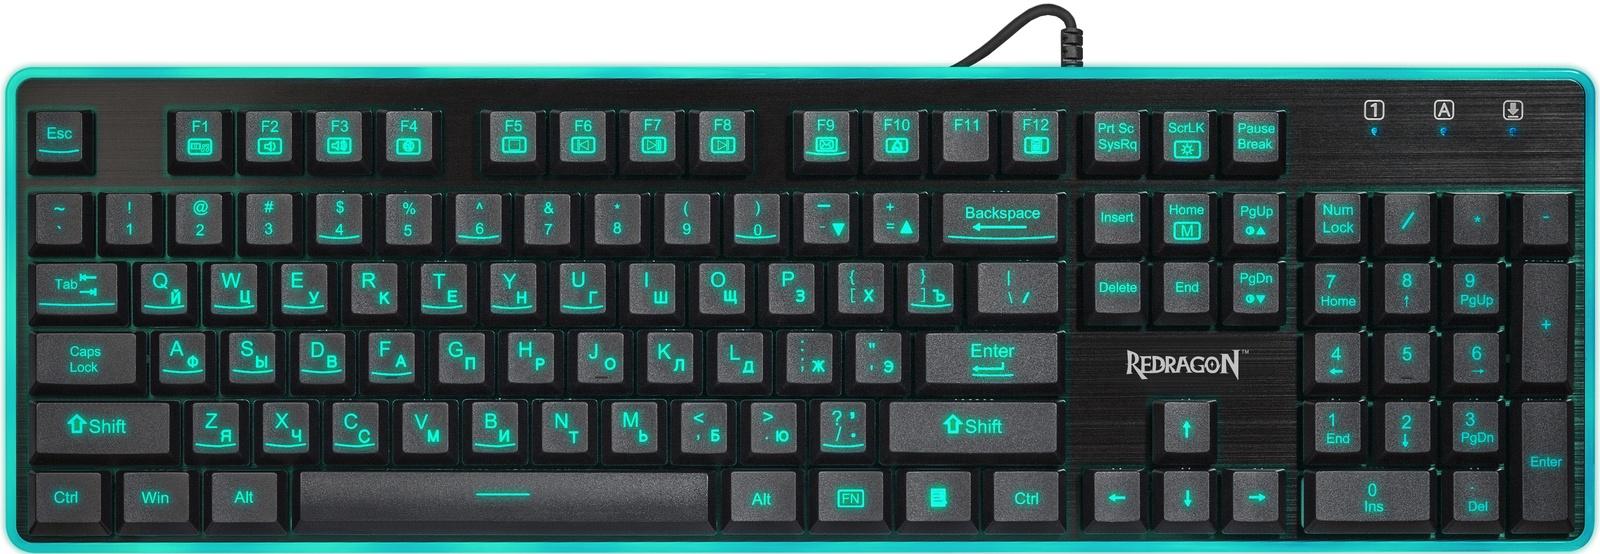 лучшая цена Игровая клавиатура Redragon Dyaus RU, 75076, черный